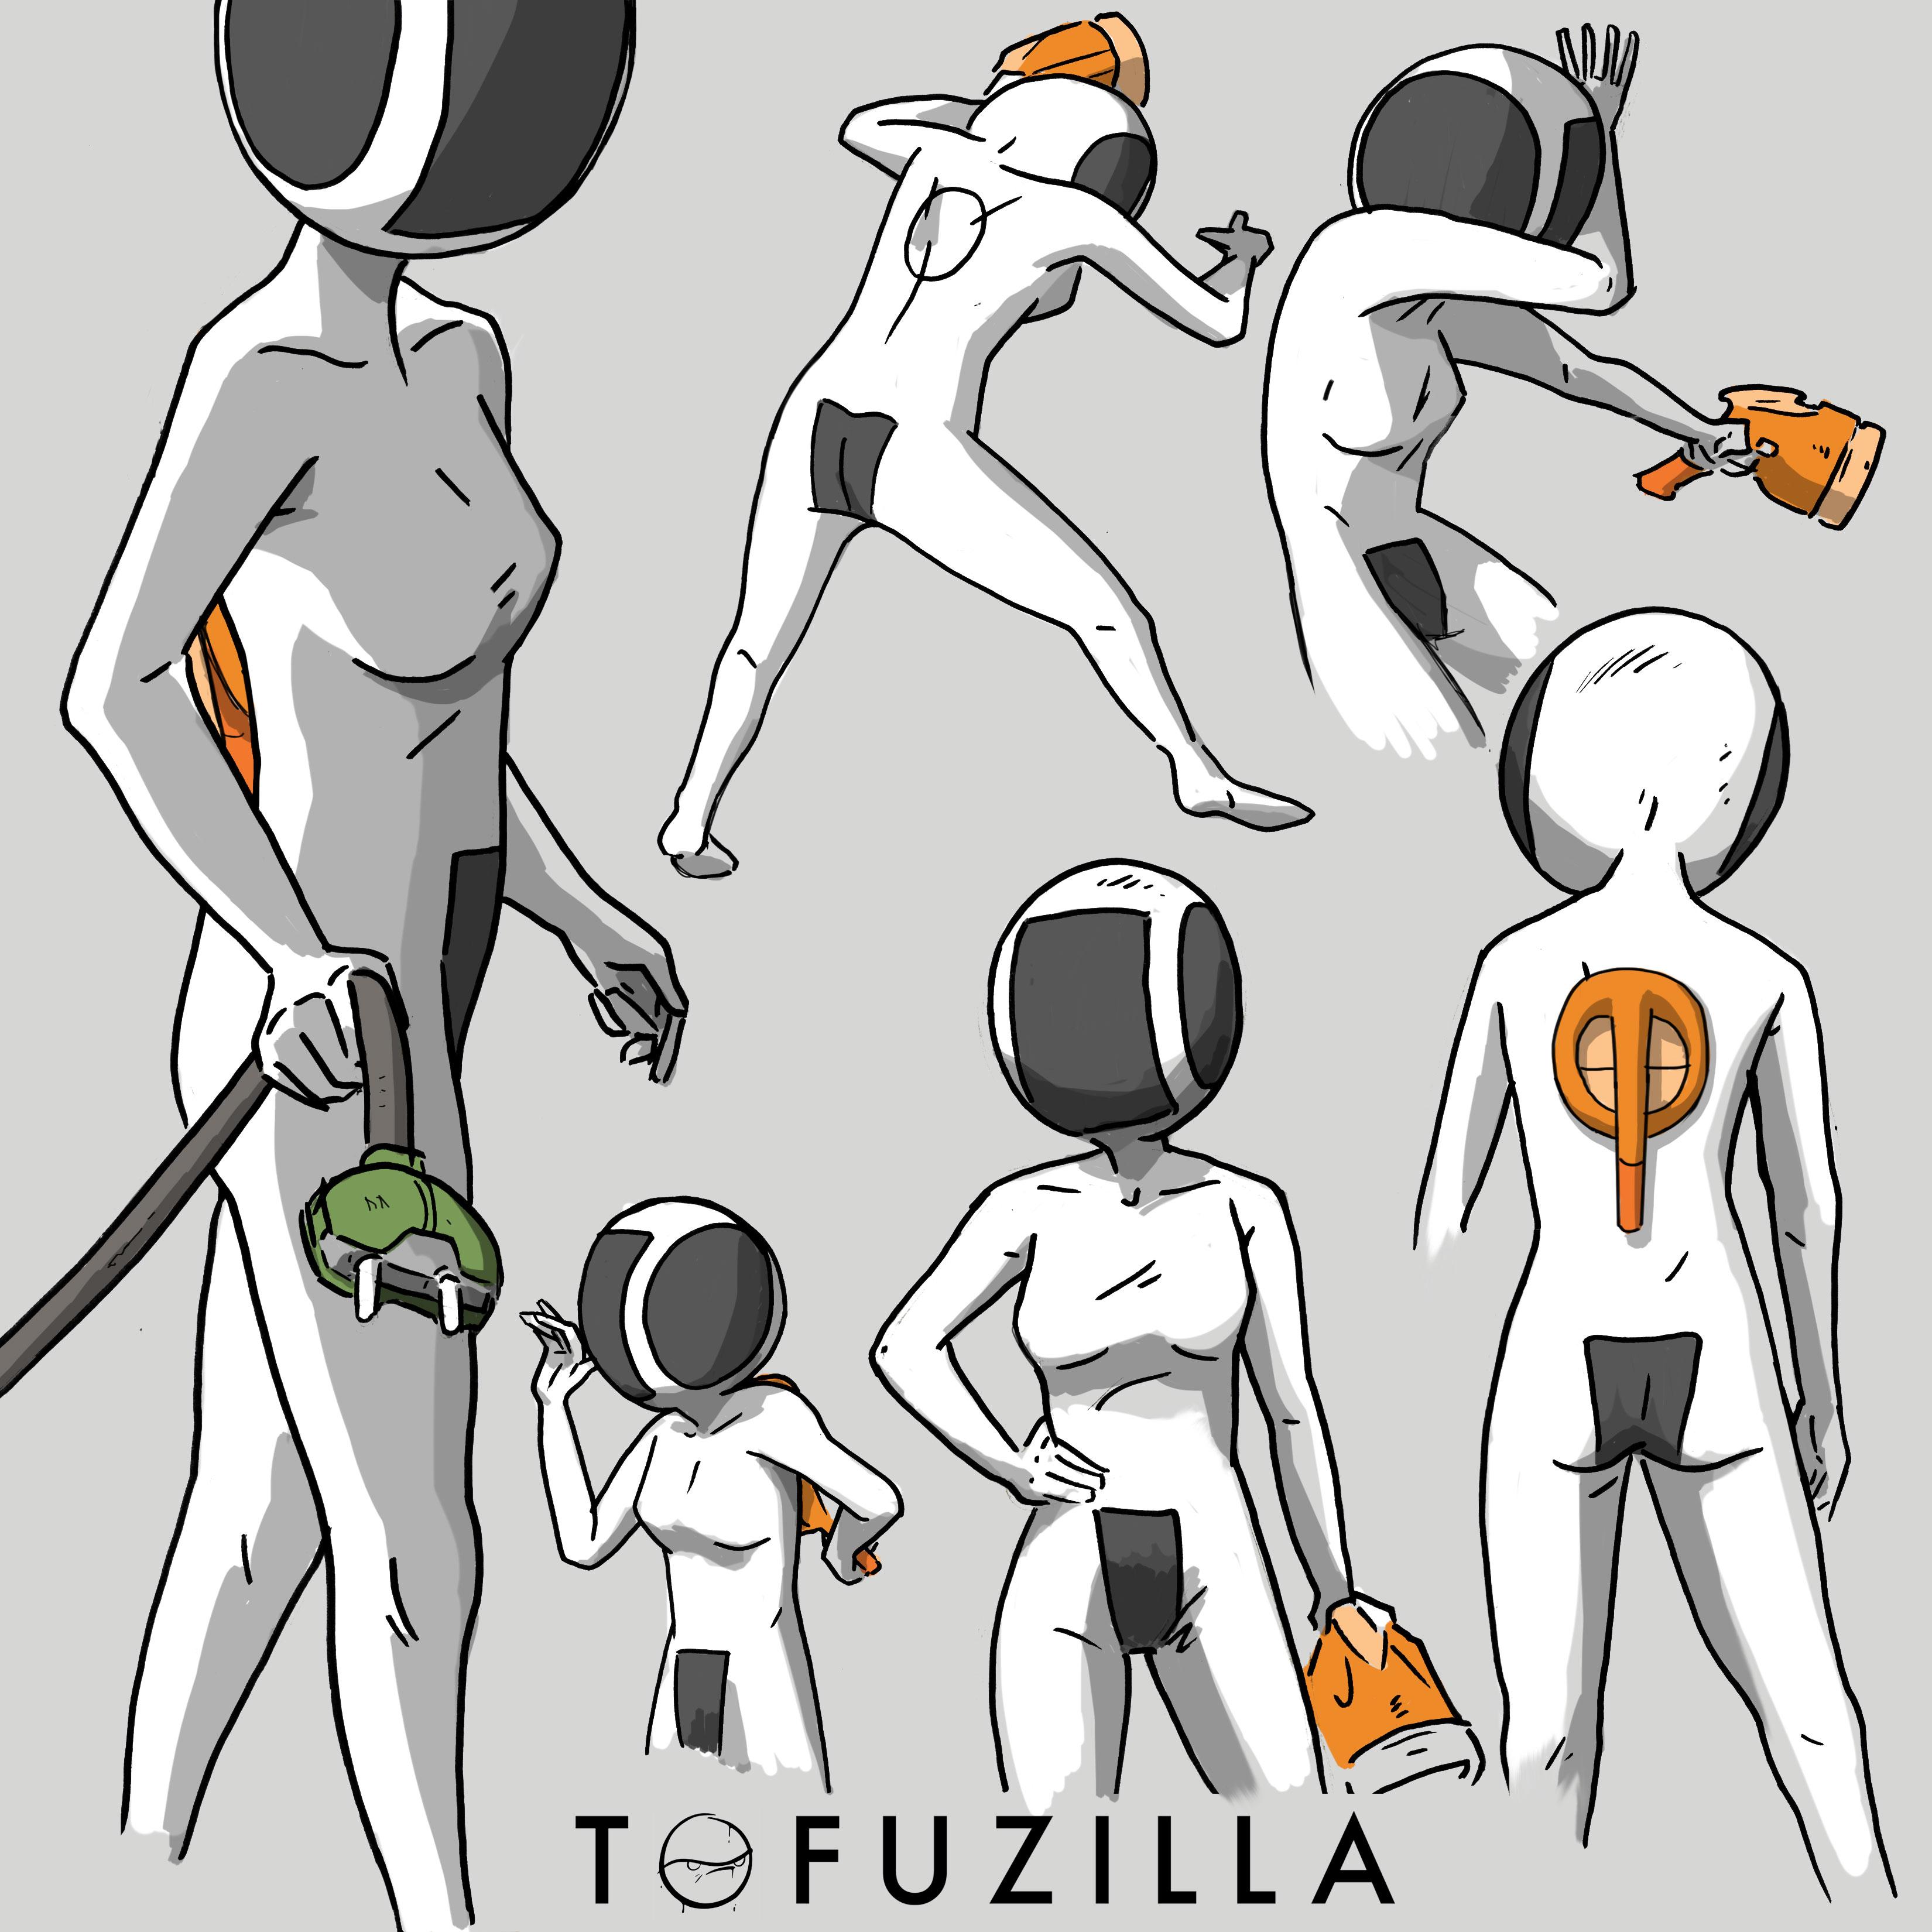 SpacesuitGirlColor